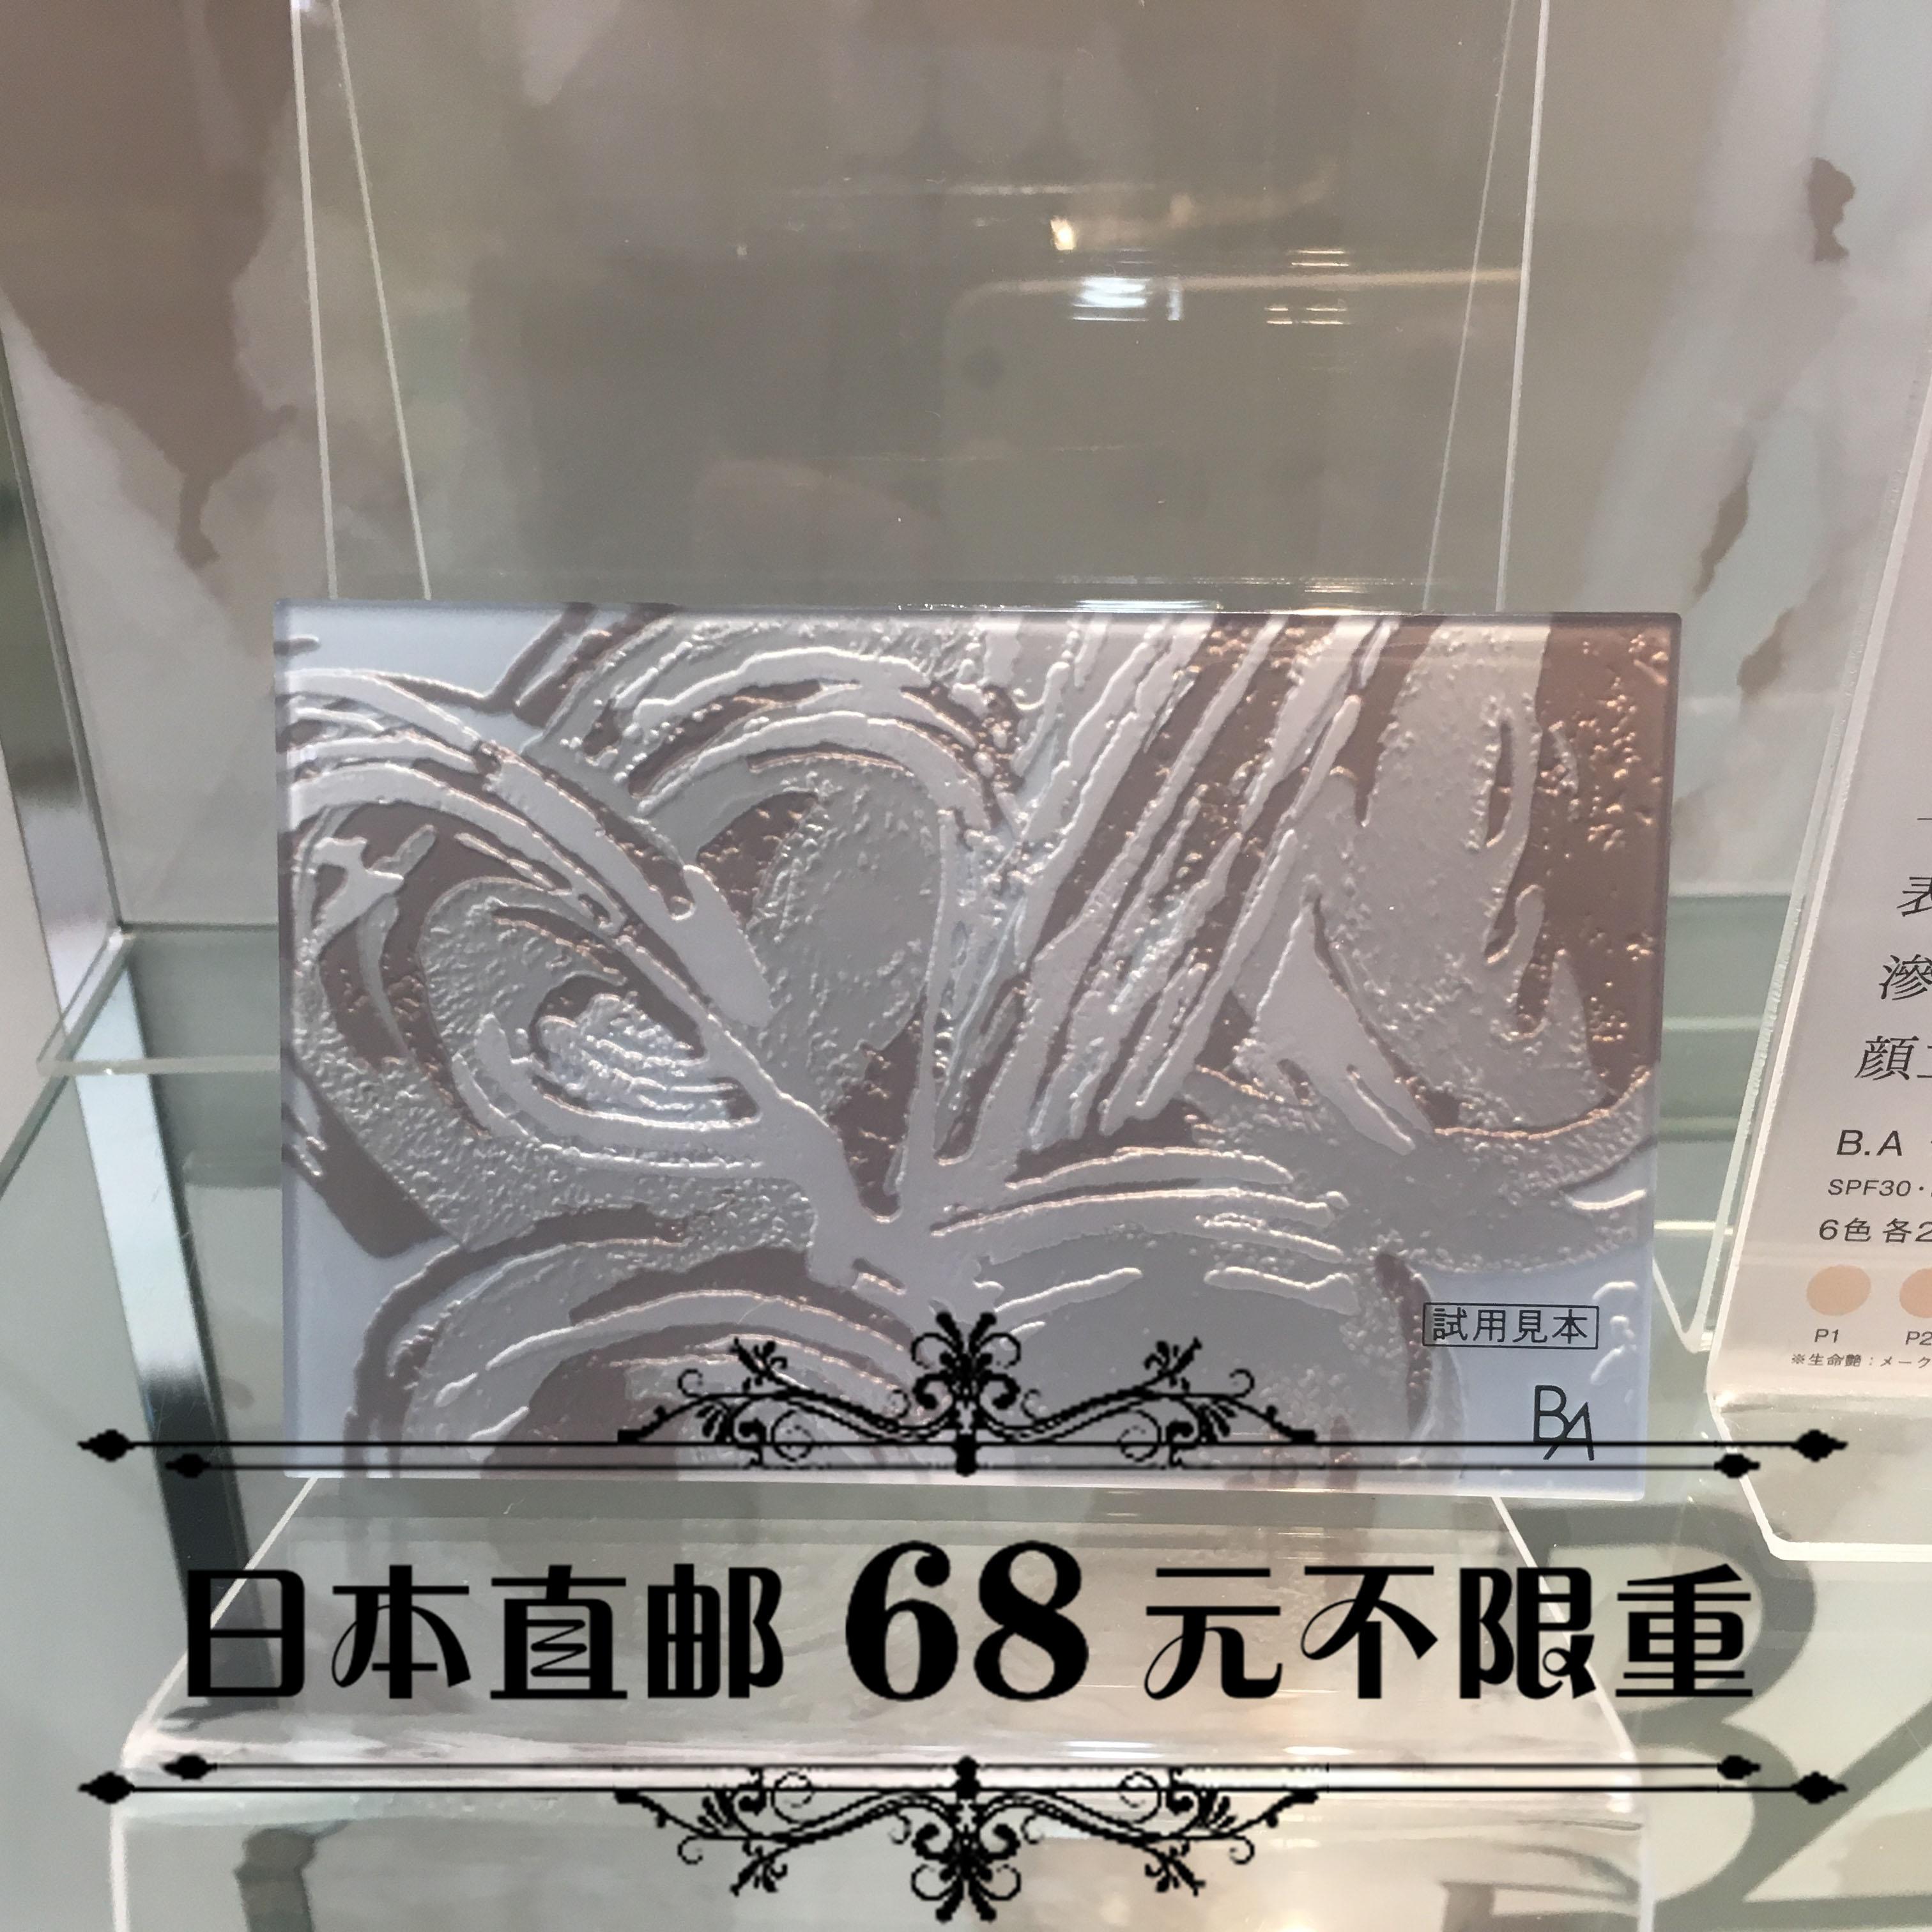 日本代购【直邮】POLA/宝丽 17新品 白BA抗糖化抗老控油 粉底粉饼